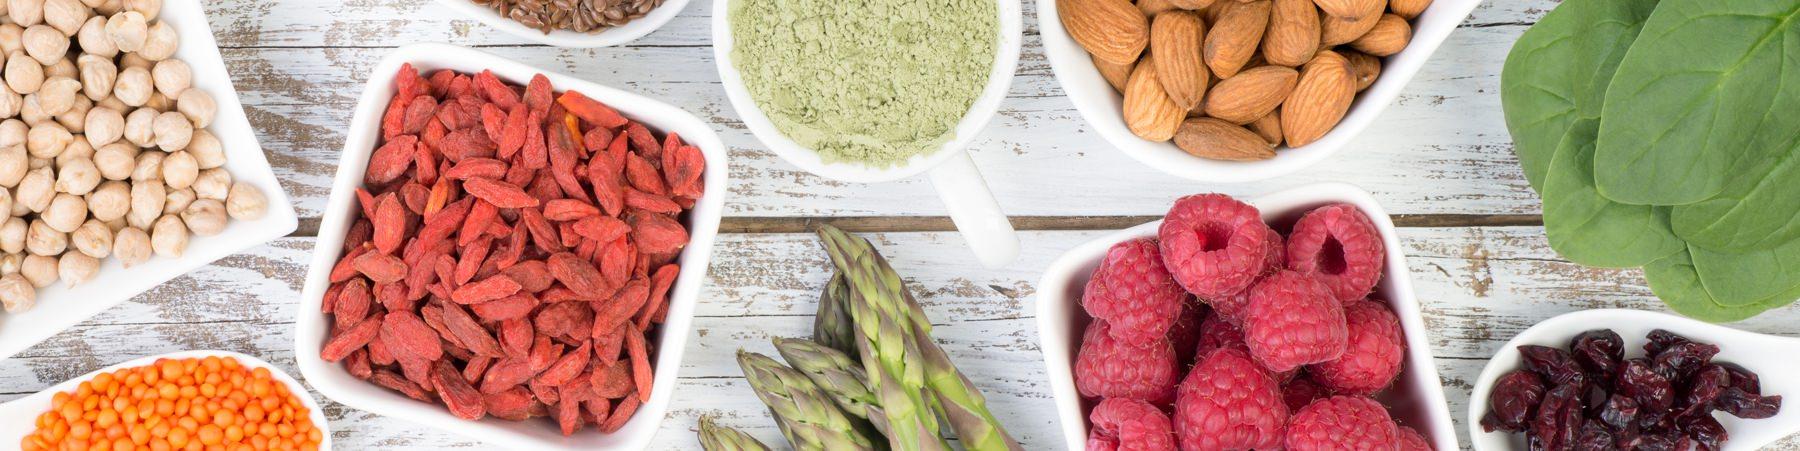 l-importanza-delle-fibre-nella-dieta